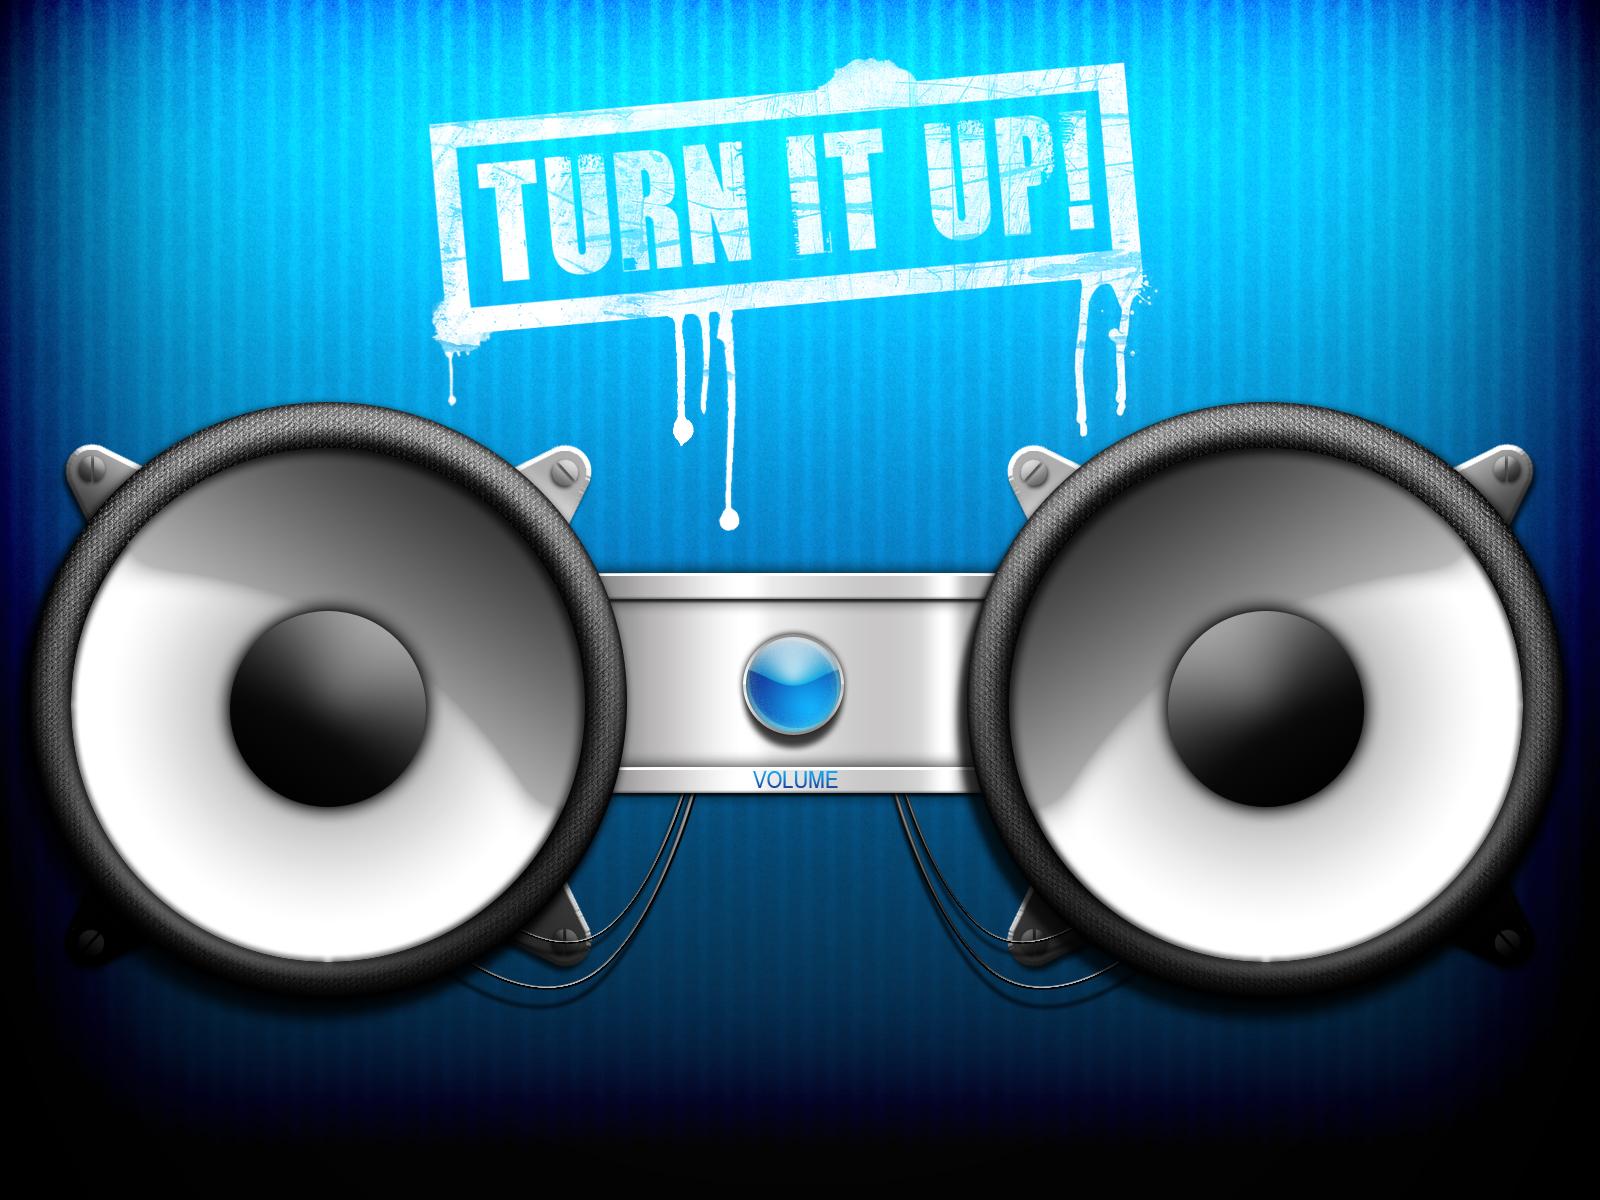 Turn It Up 1600x1200 By Goergen On Deviantart